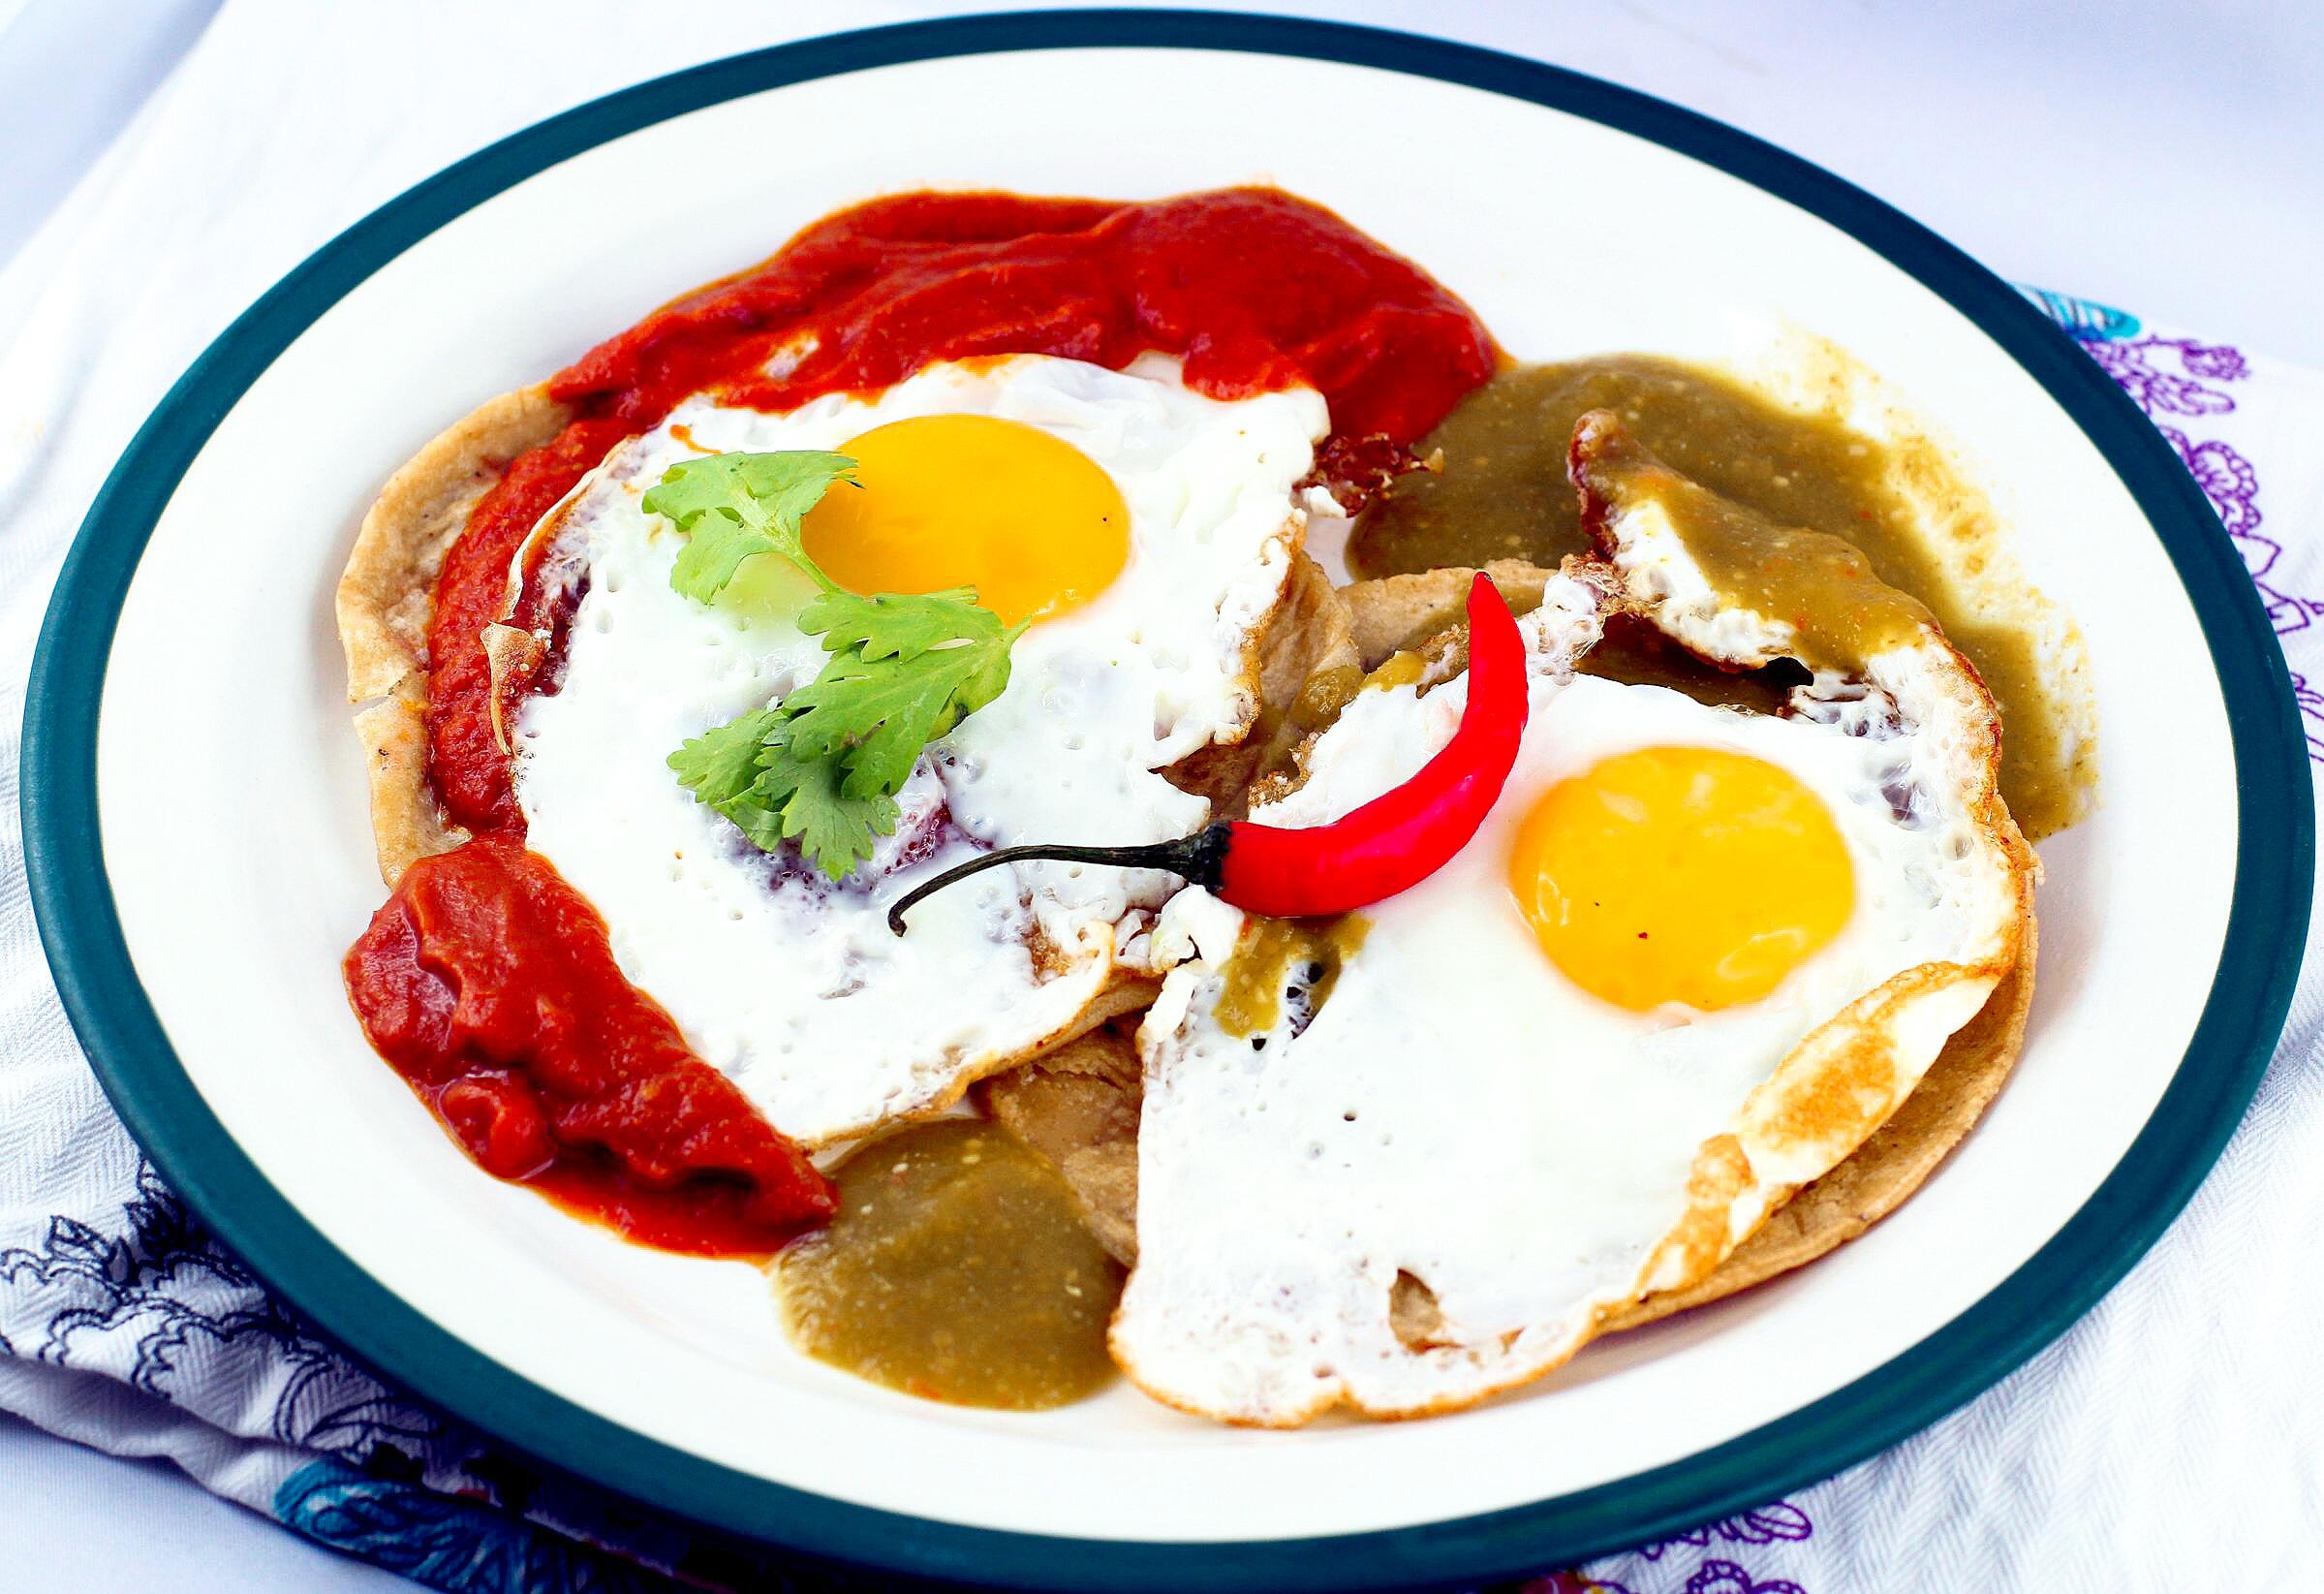 Huevos divorciados - Geschiedene Eier